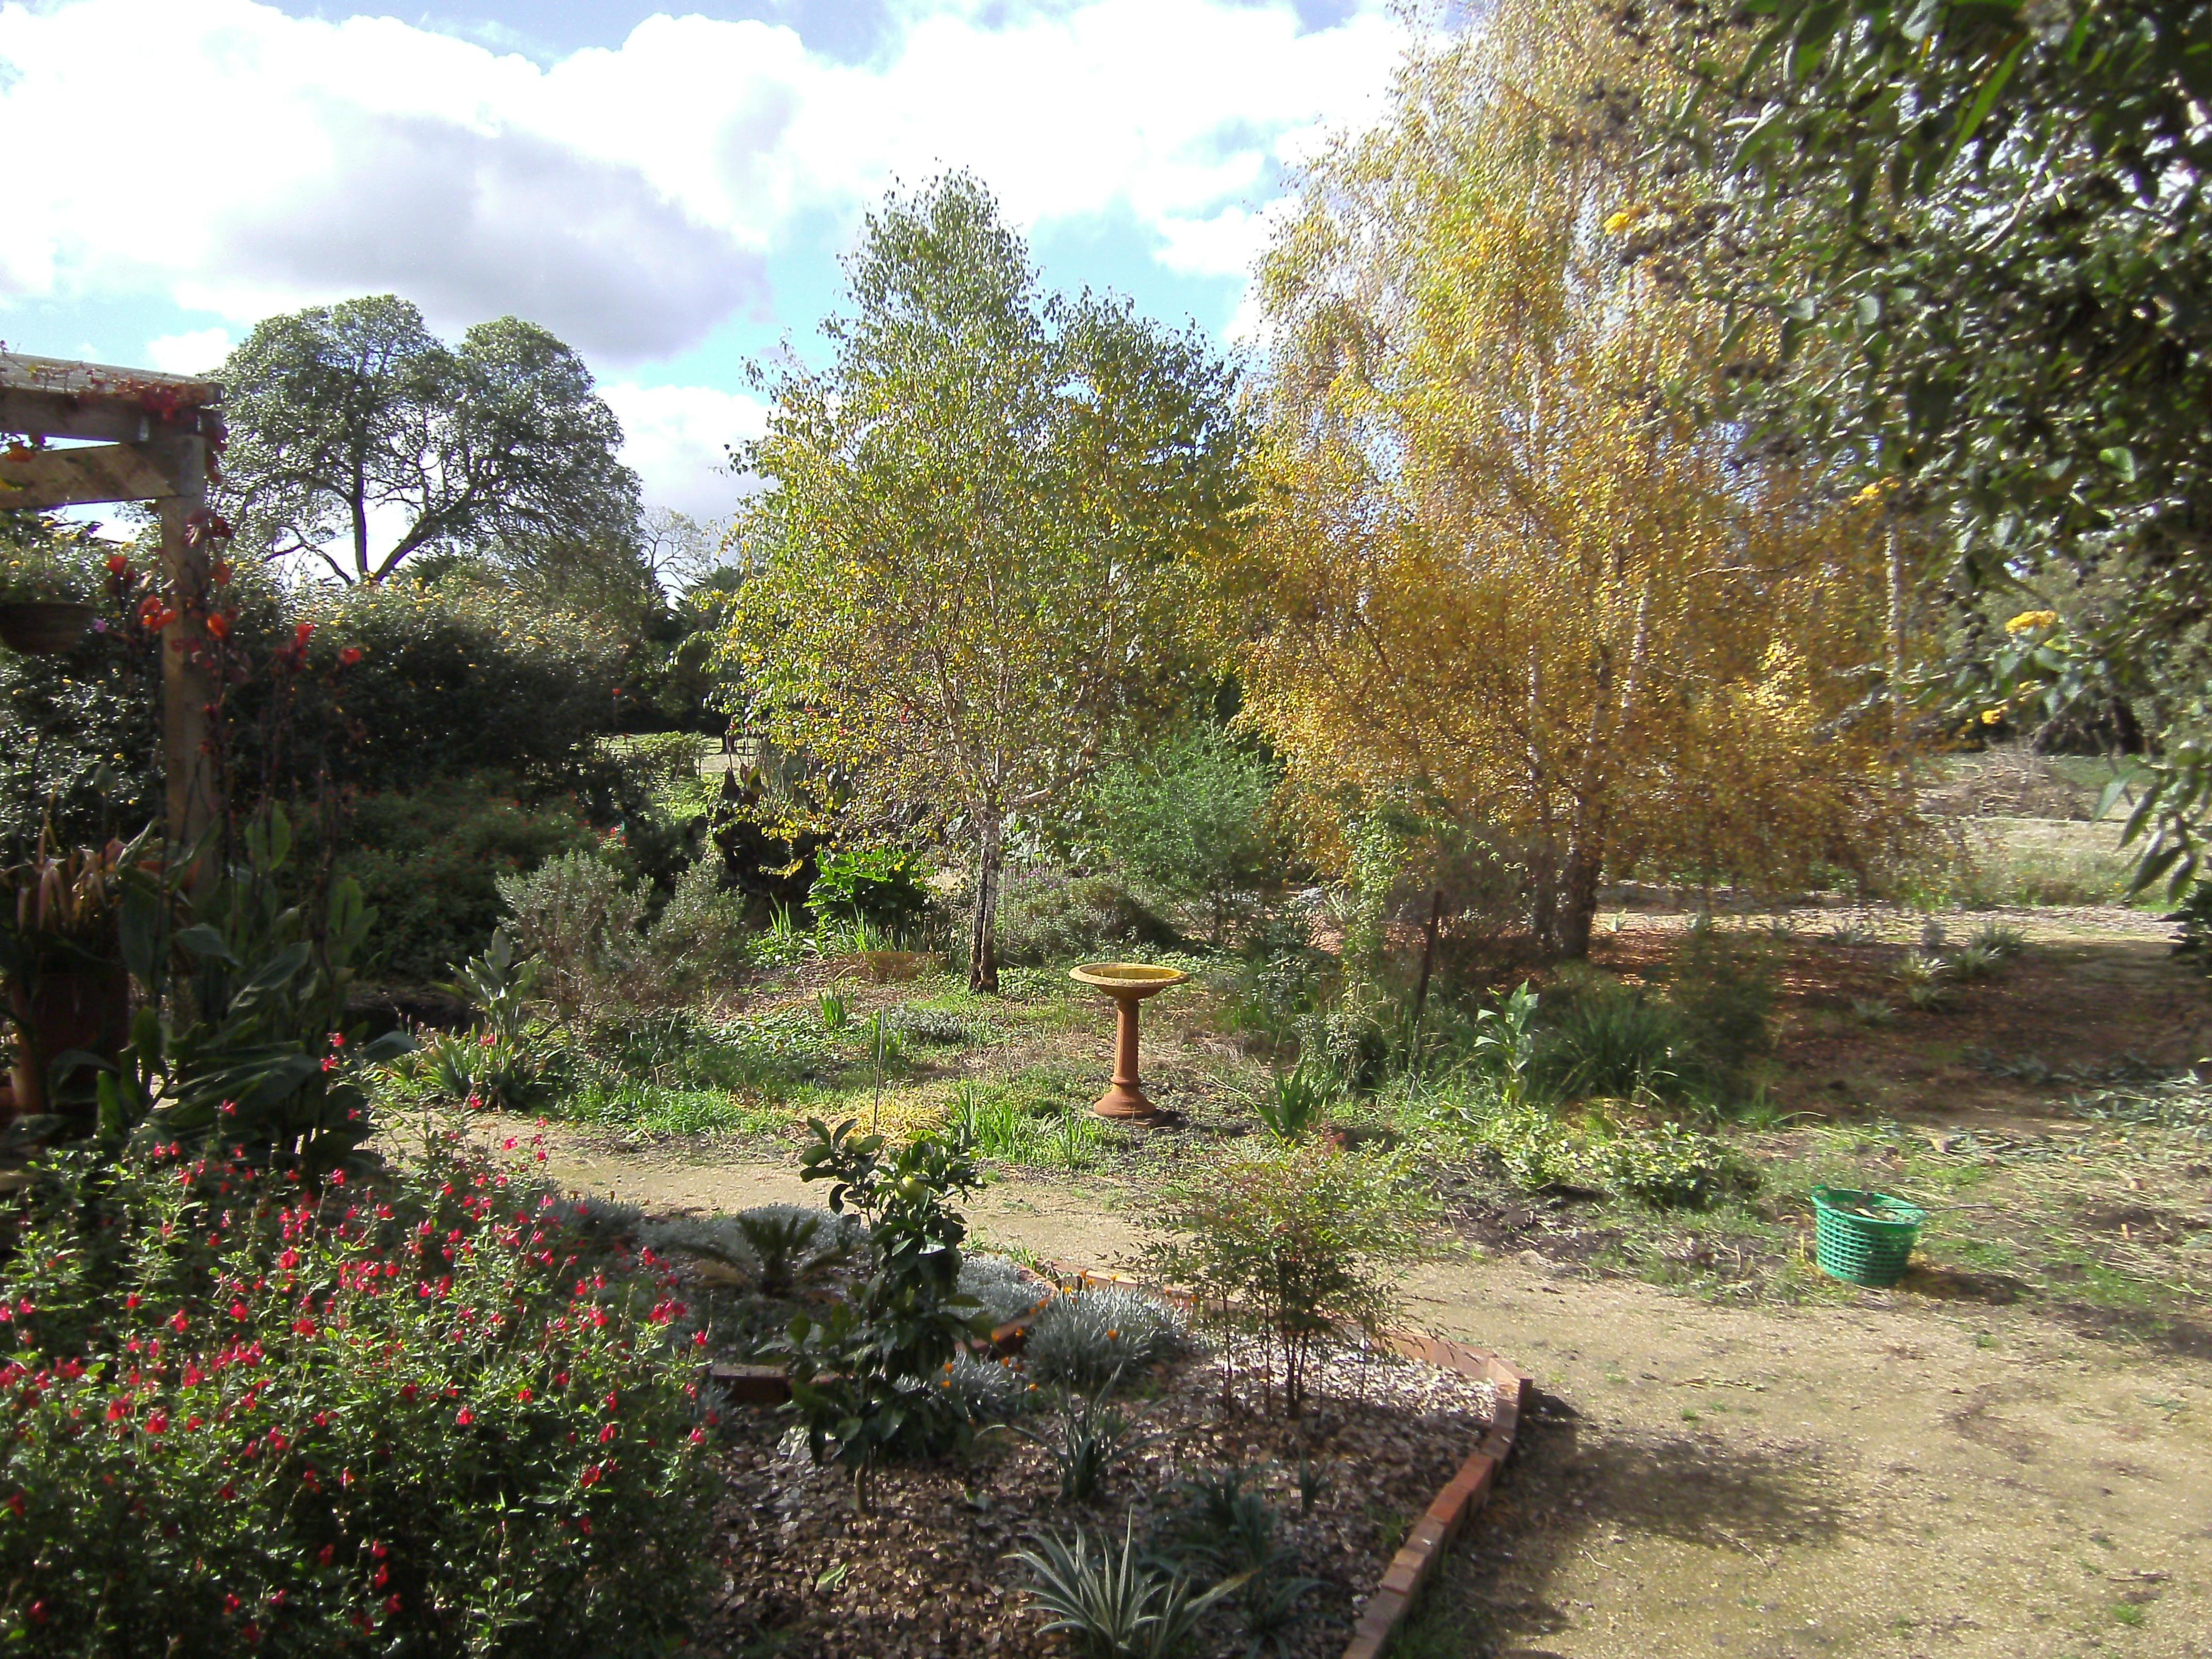 Garden-ALDI-1.jpeg